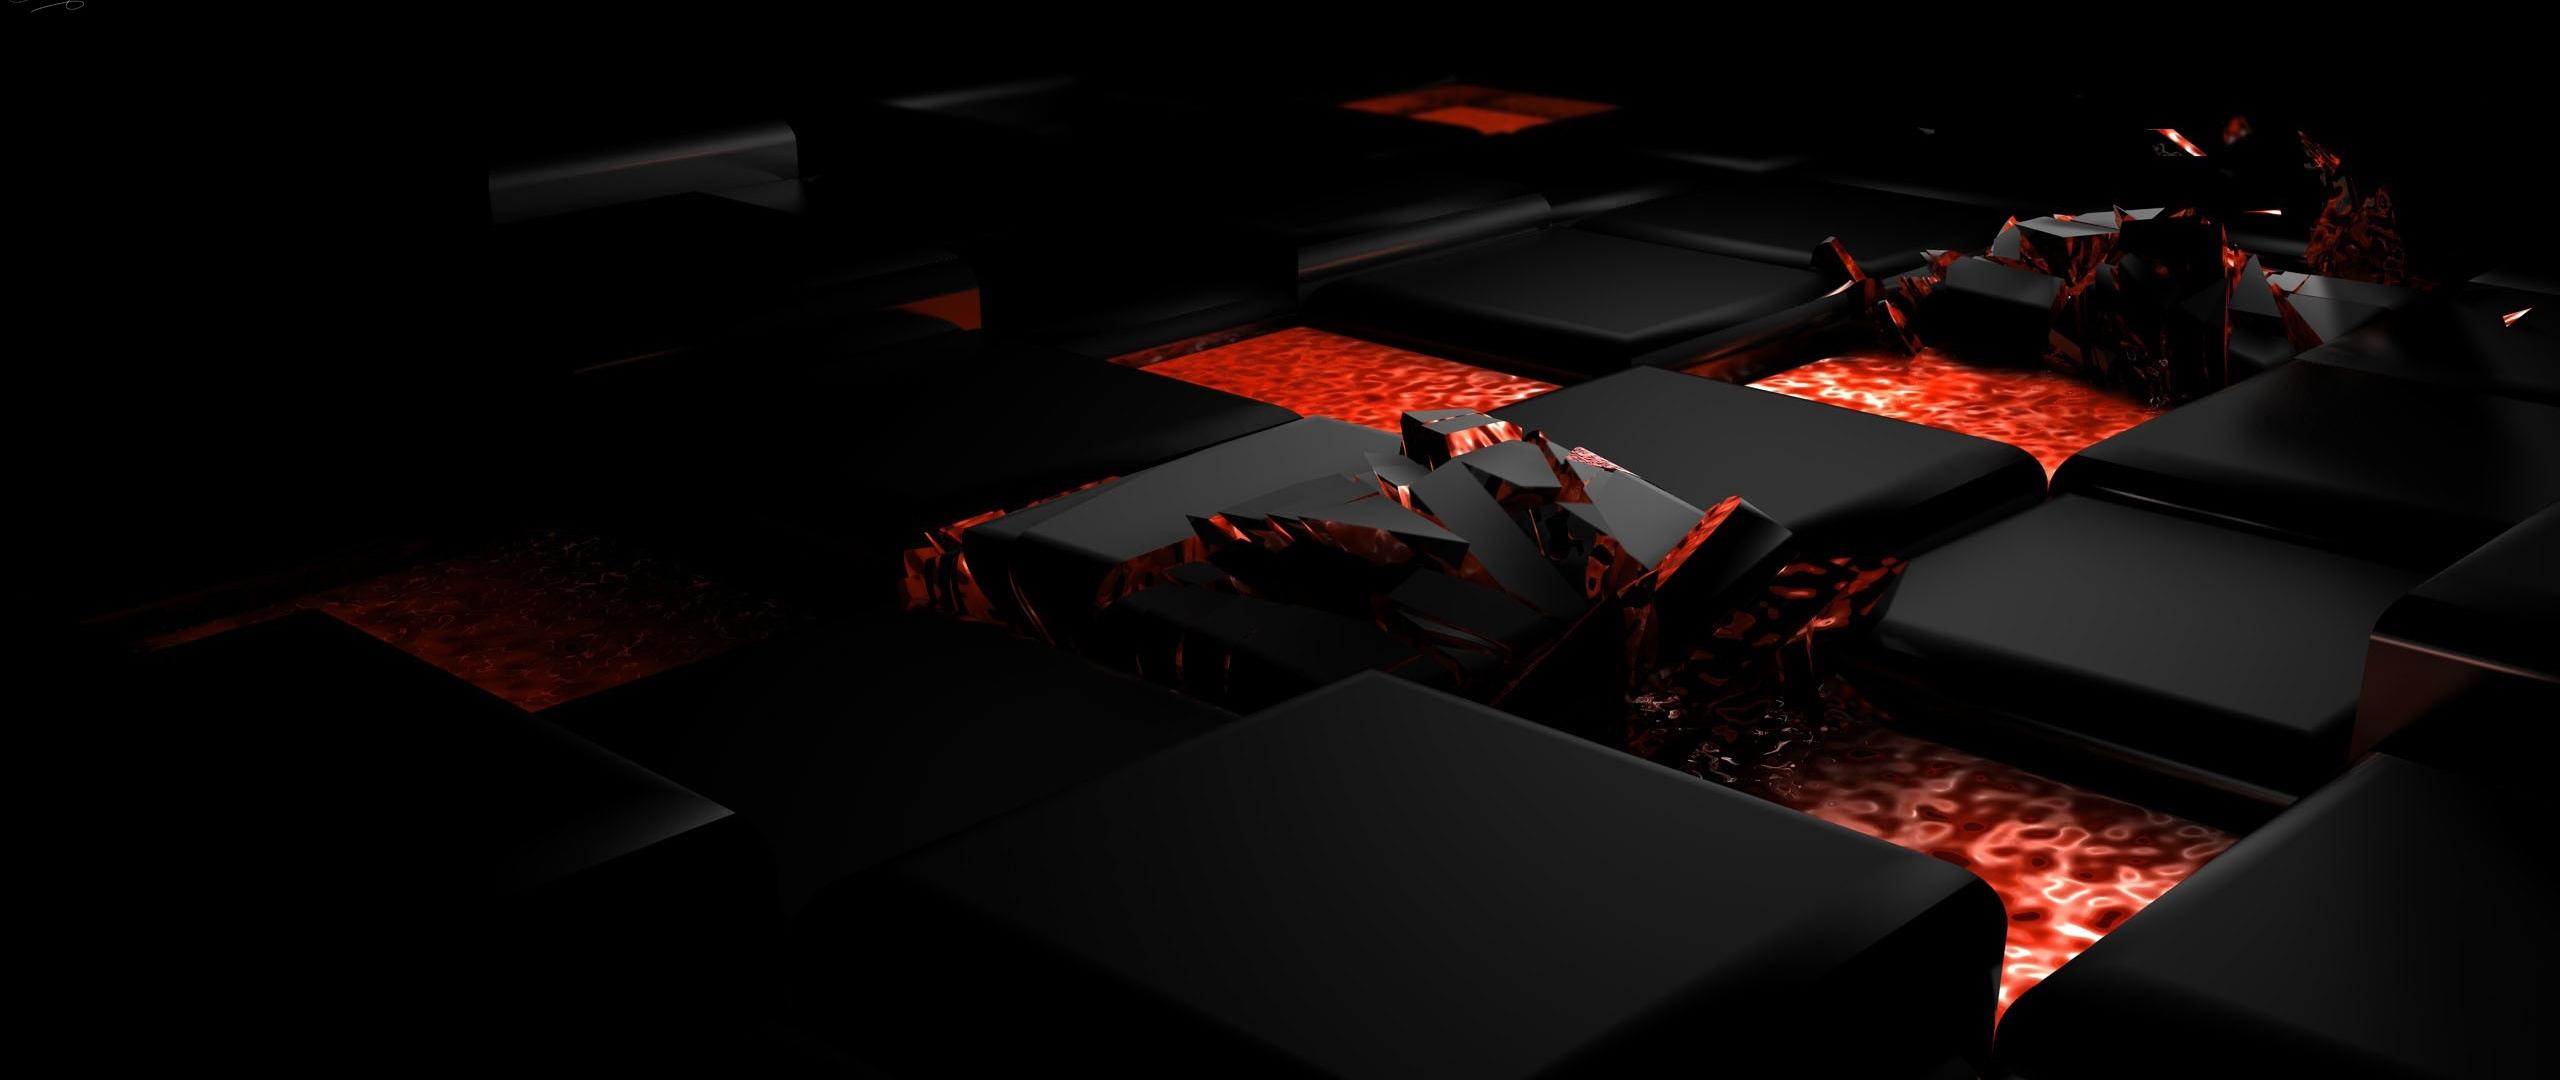 2560x1080 Wallpaper cube fire dark light alloy 2560x1080